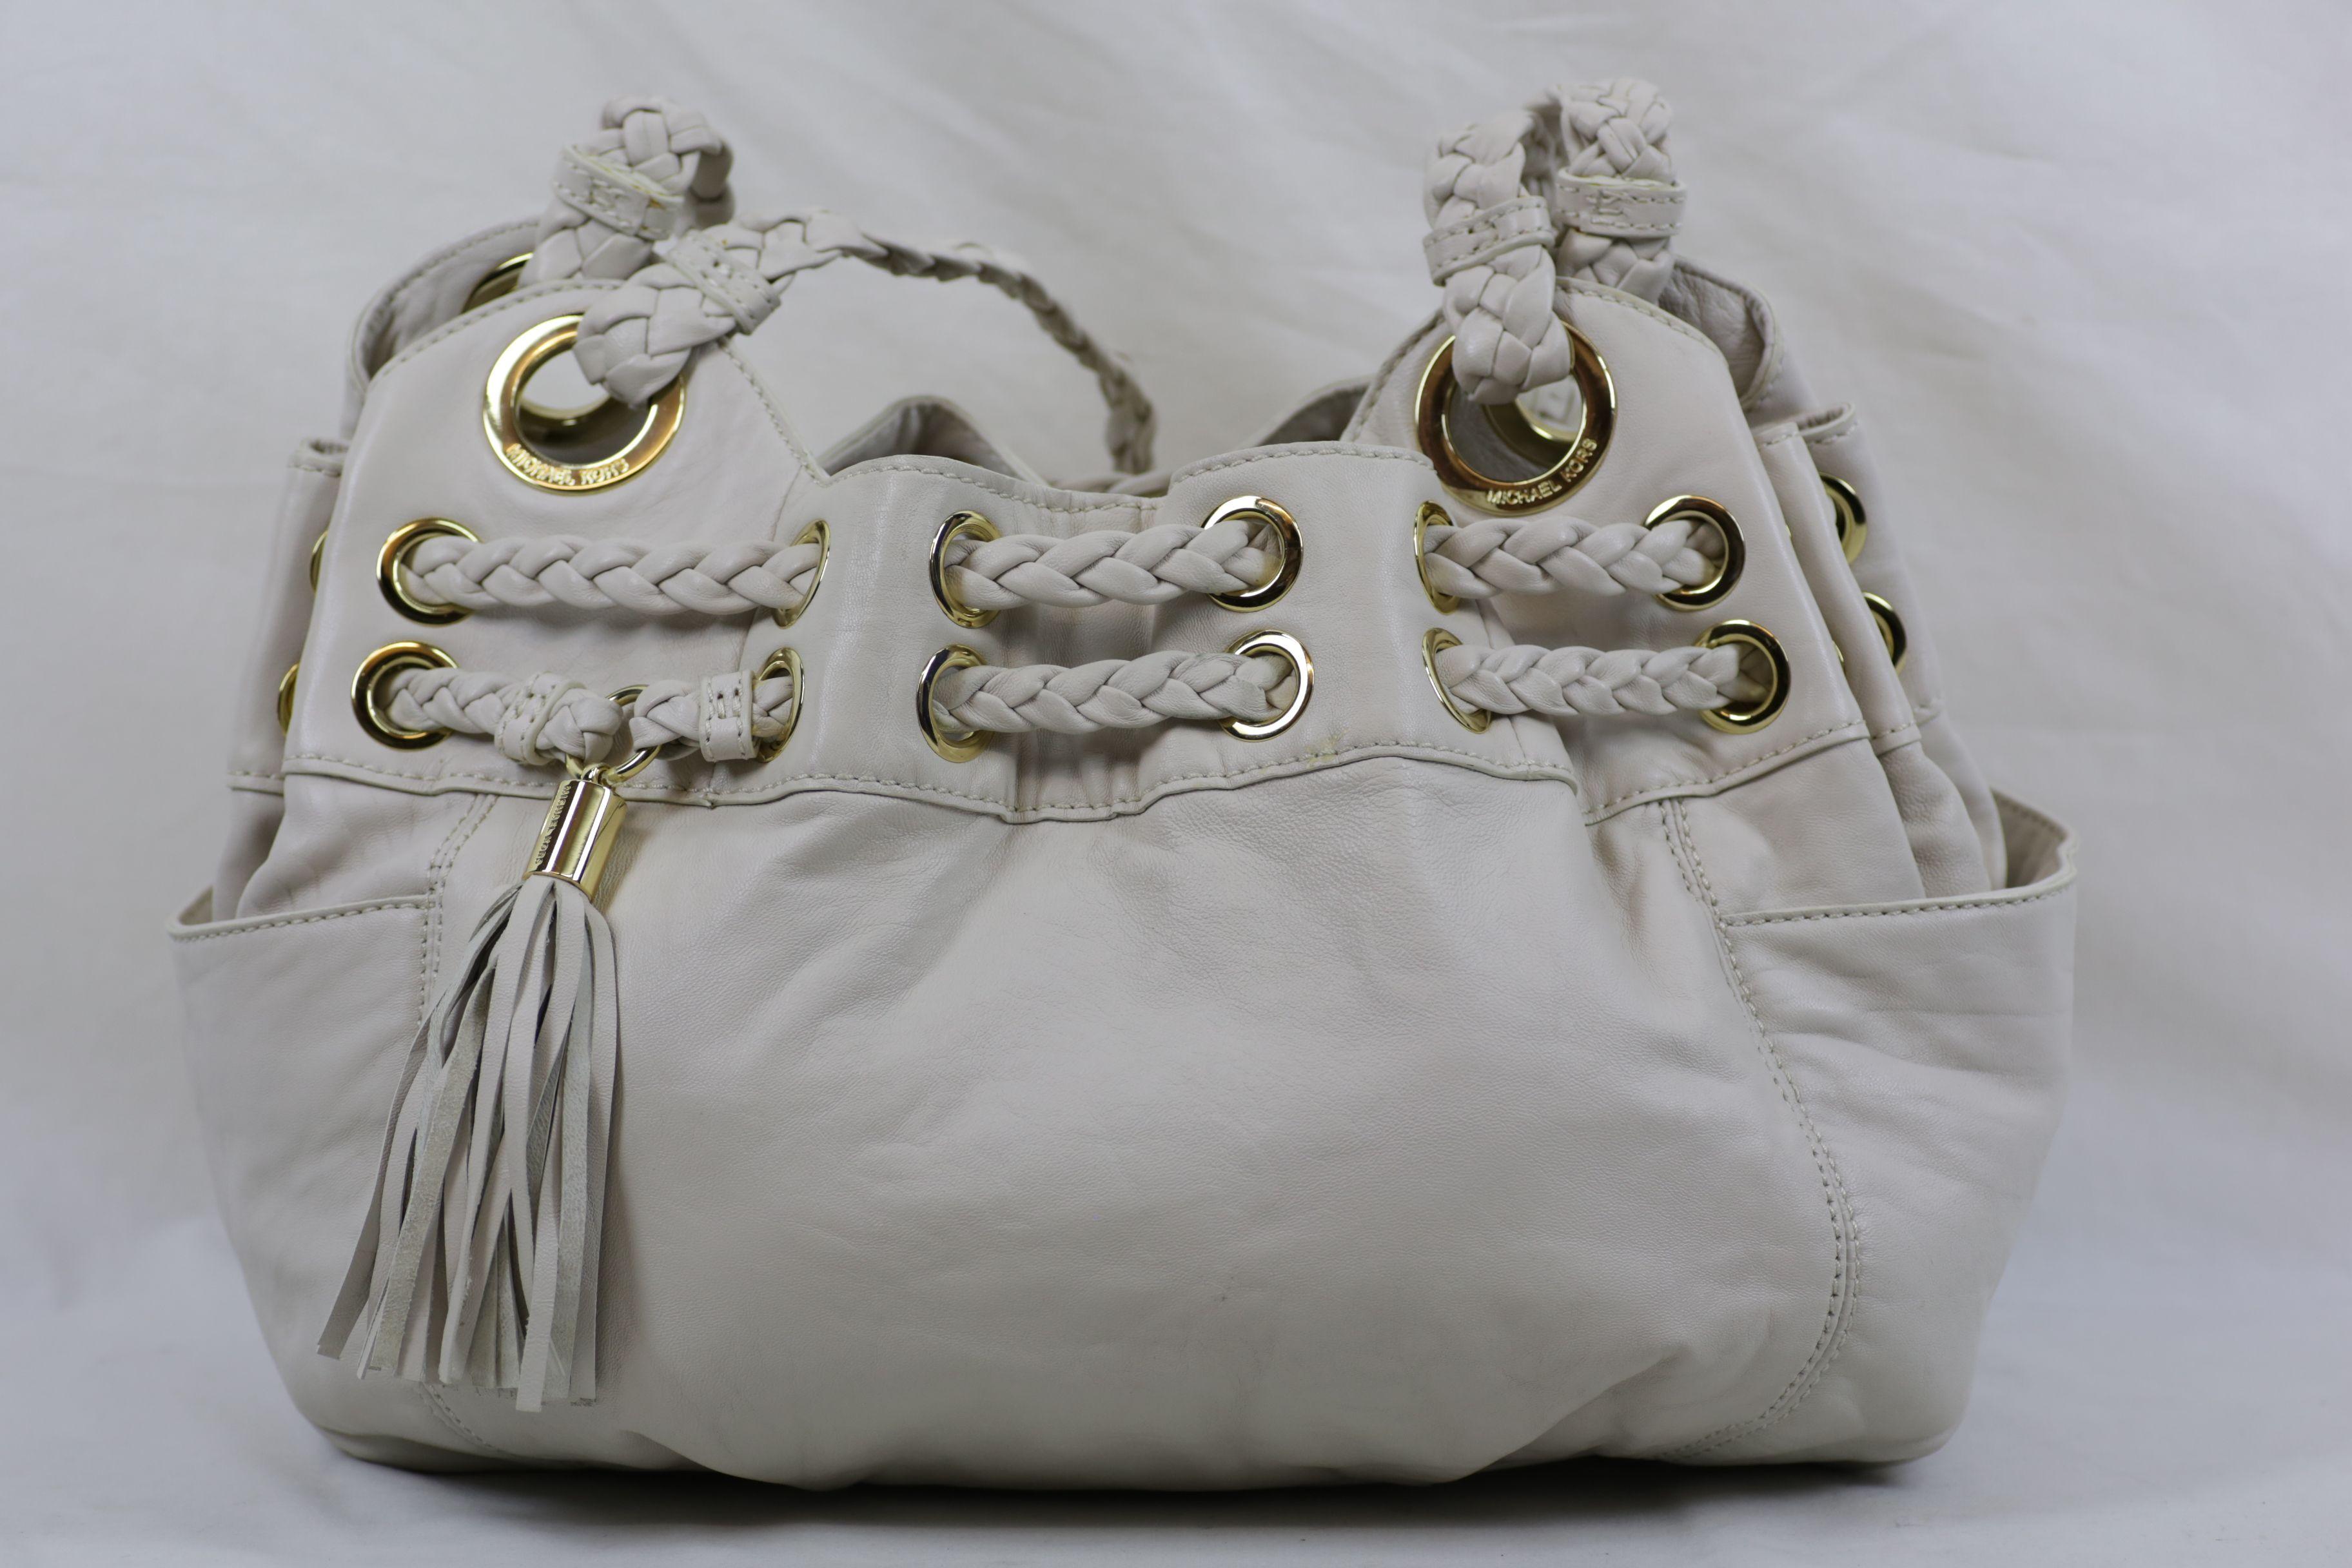 Michael Kors White Ivory Braided Grommet Tasseled Handbag